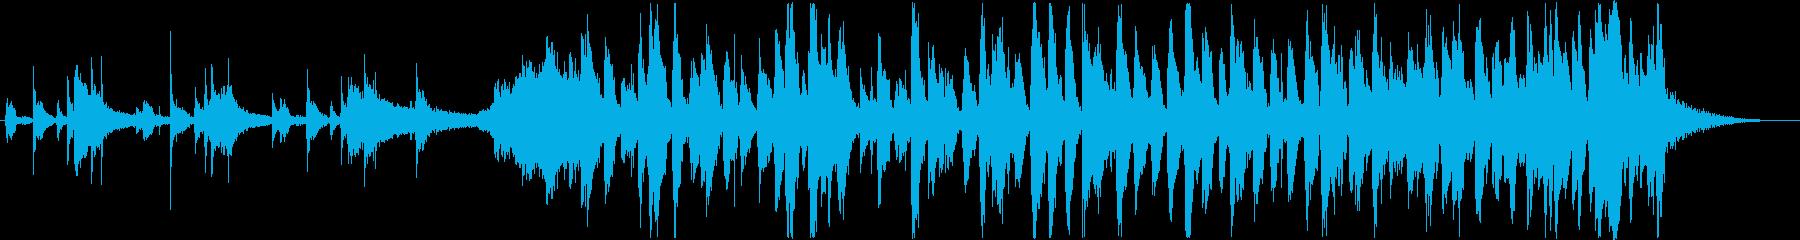 オシャレで軽快なピアノJAZZトリオの再生済みの波形